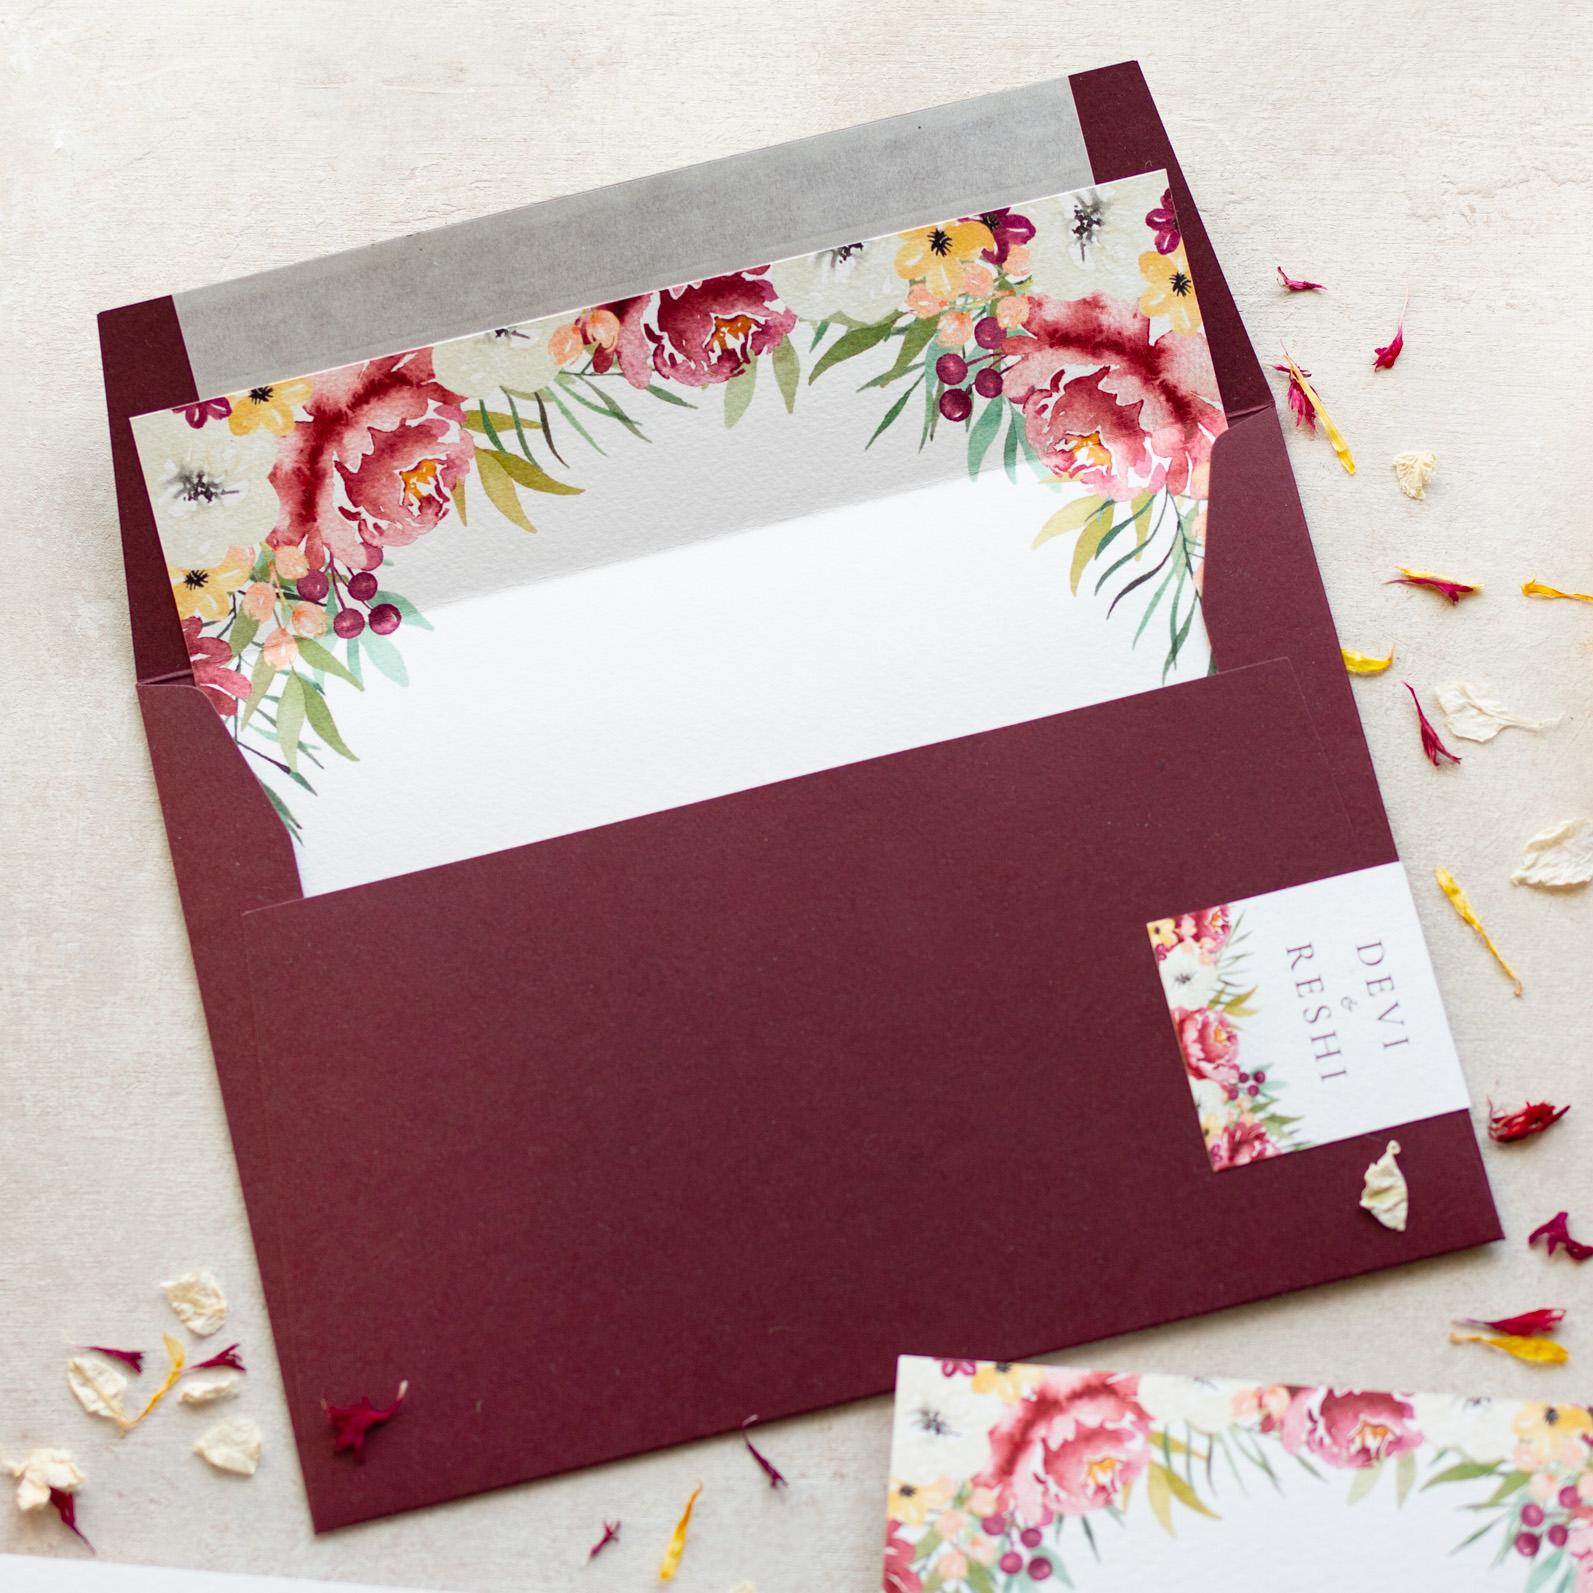 Autumn Leaves Unique Wedding Invitation Envelope Desgin - www.pinglepie.com.jpg